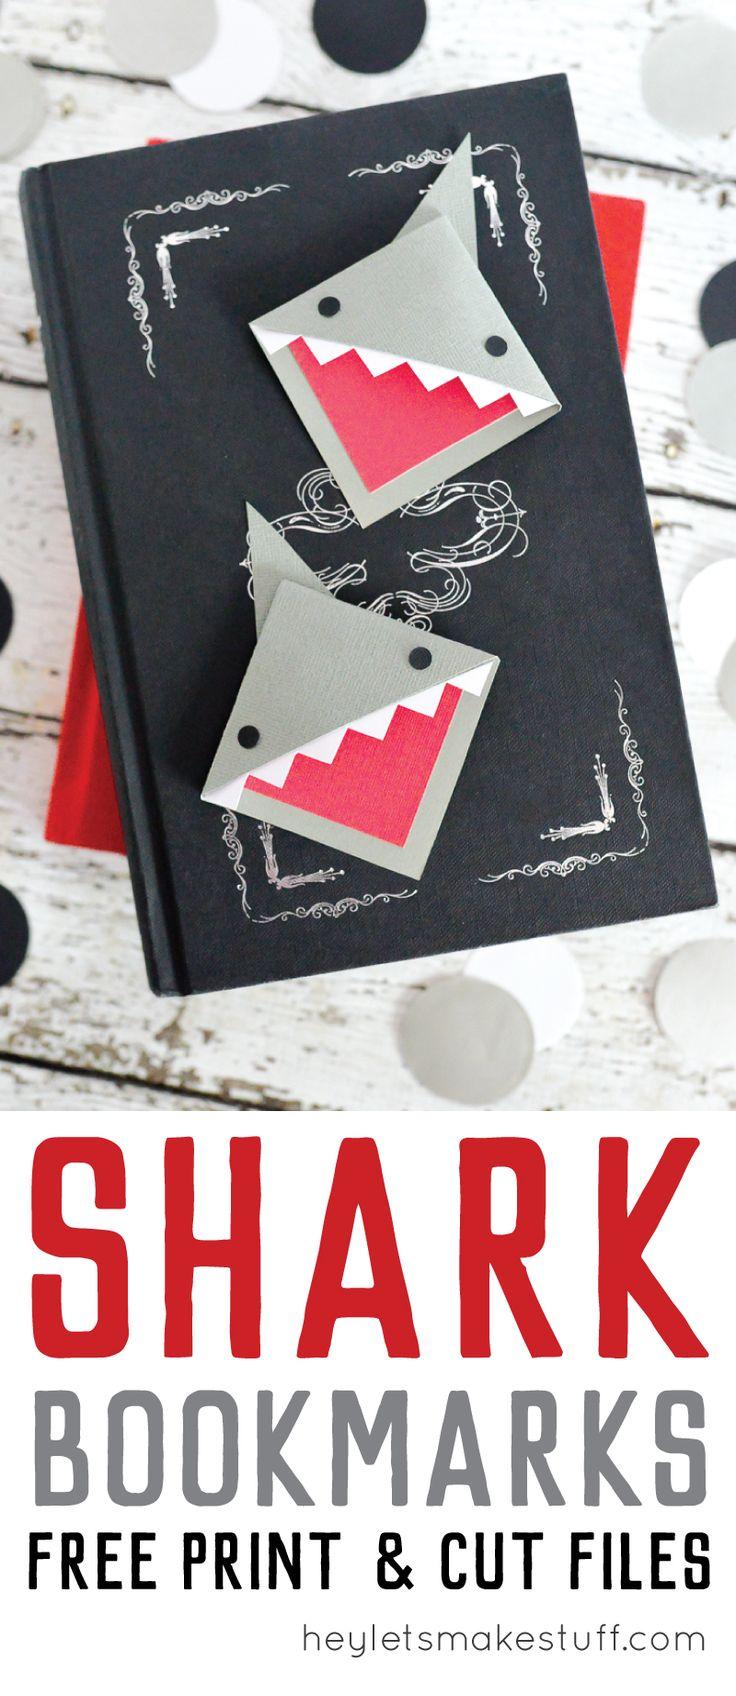 shar-bookmark-pin